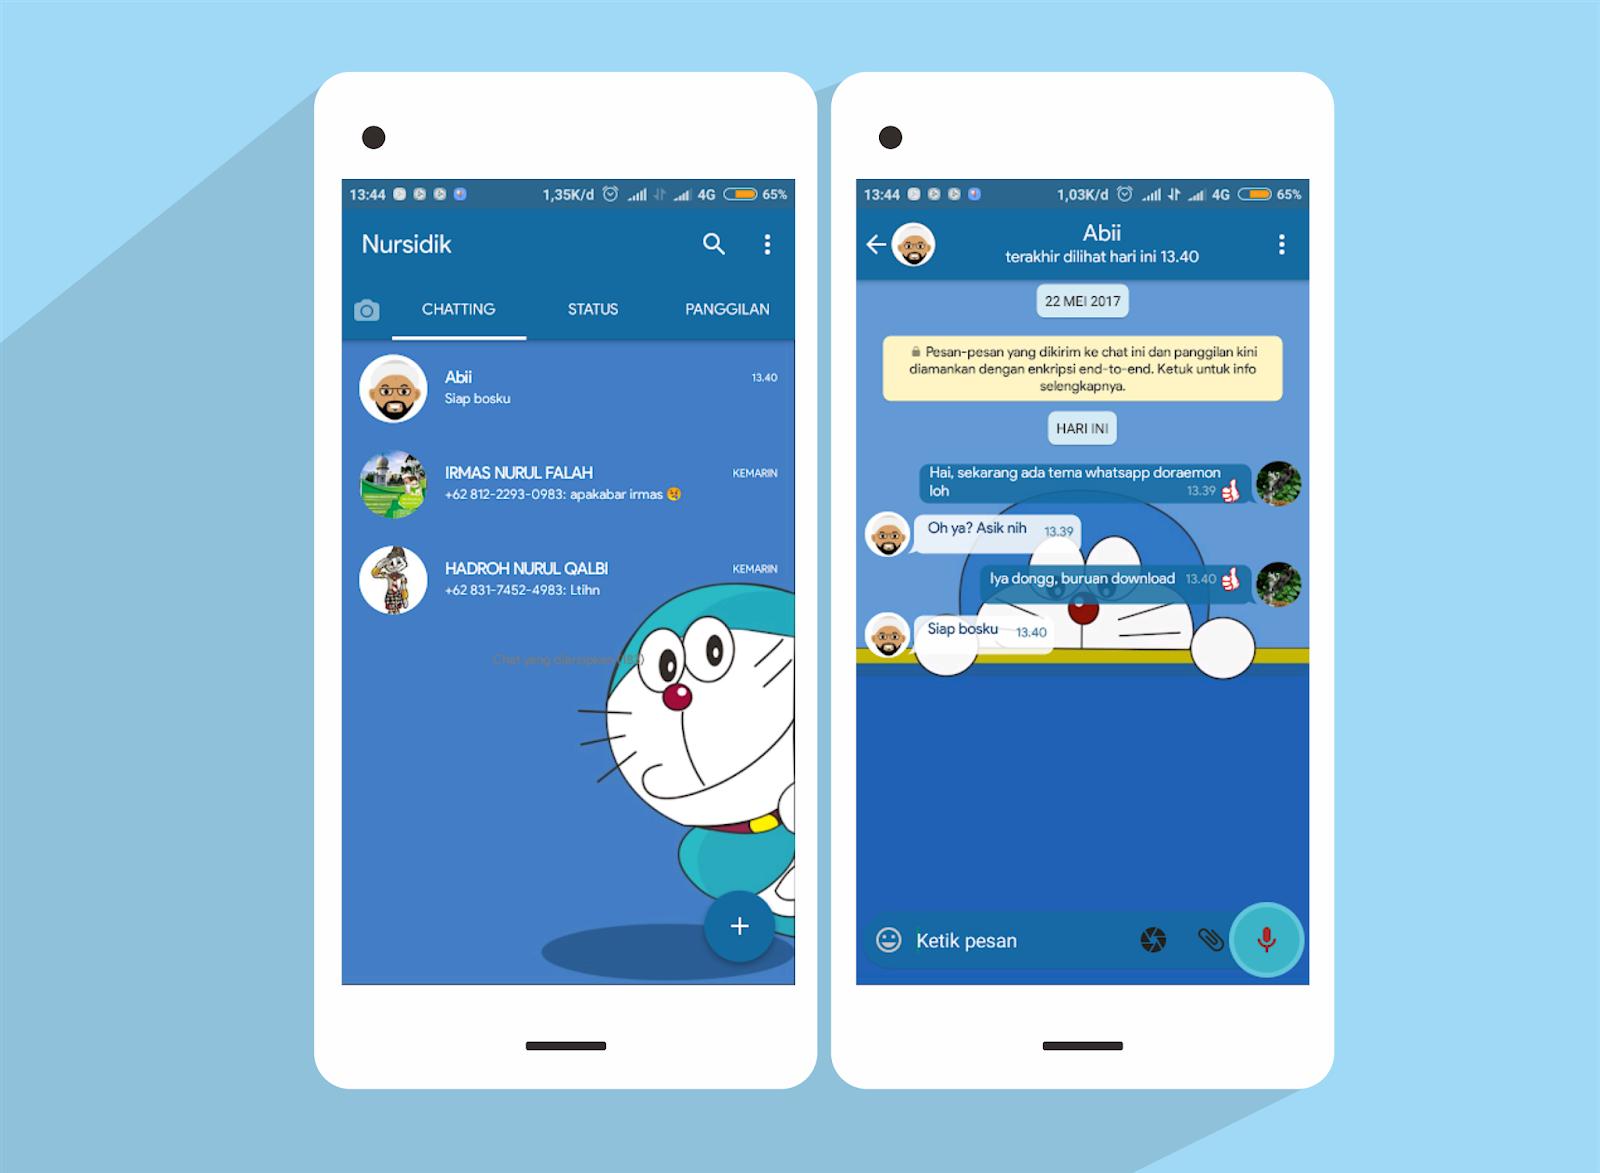 Download 93+ Wallpaper Lucu Doraemon Whatsapp Gratis Terbaik